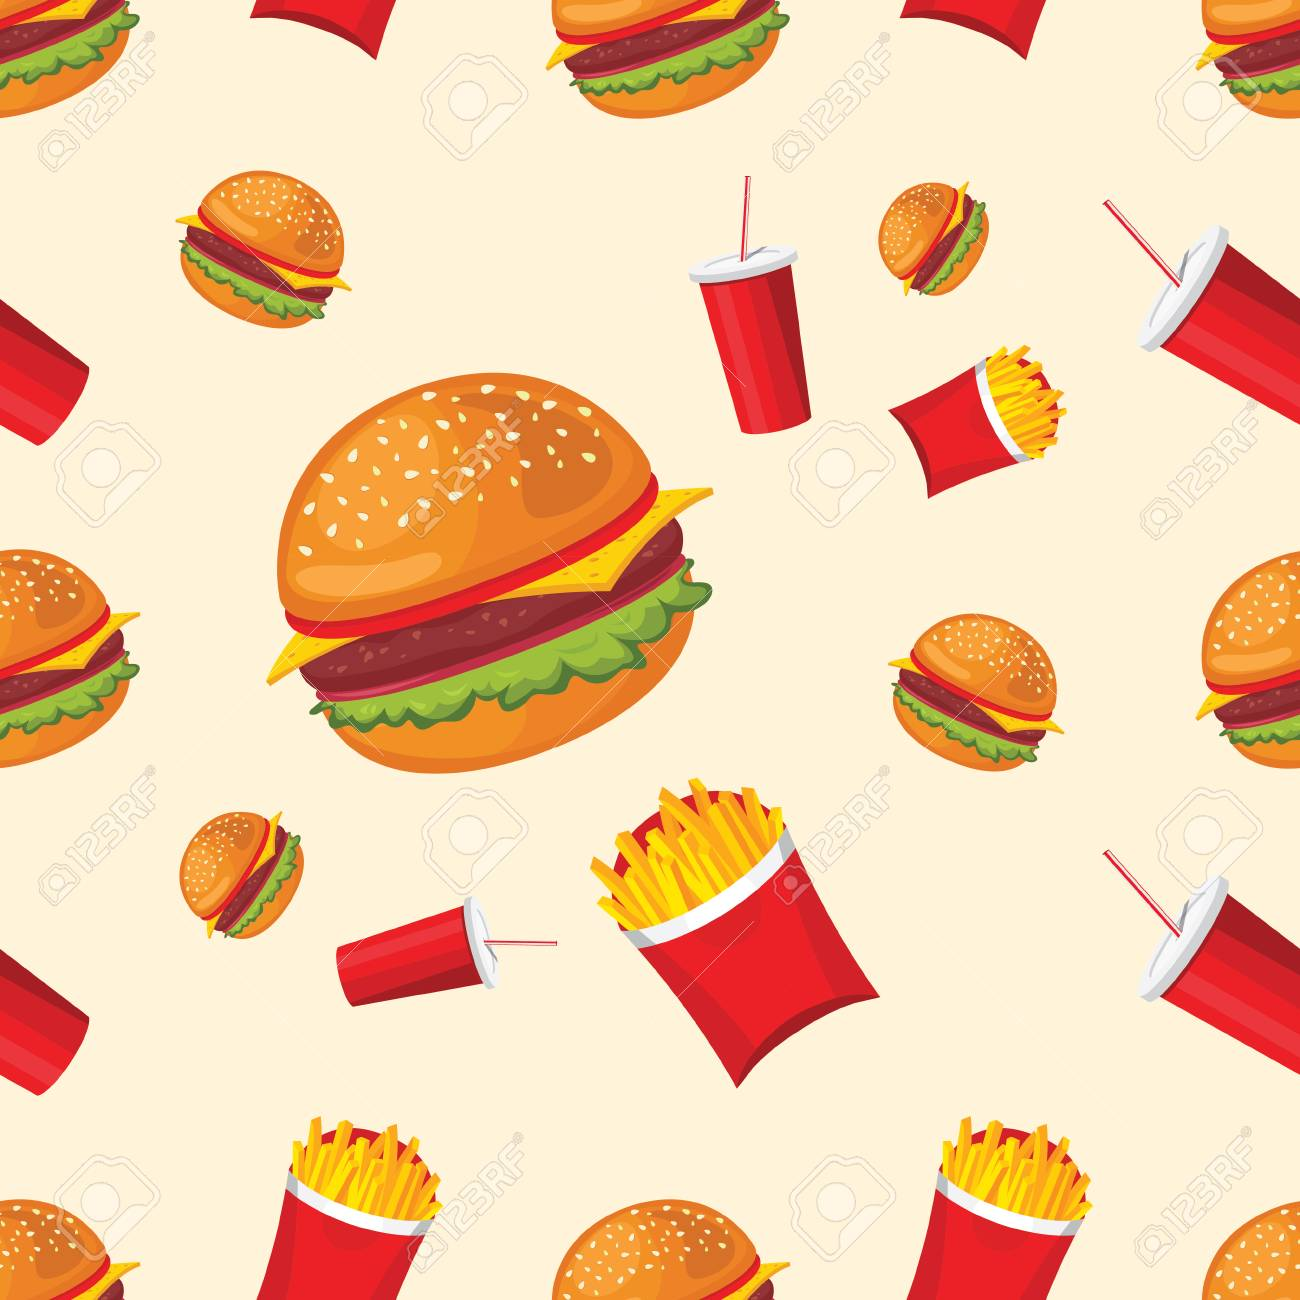 Vektor Nahtlose Muster Von Pommes Frites, Coca-Cola Und Hamburger ...